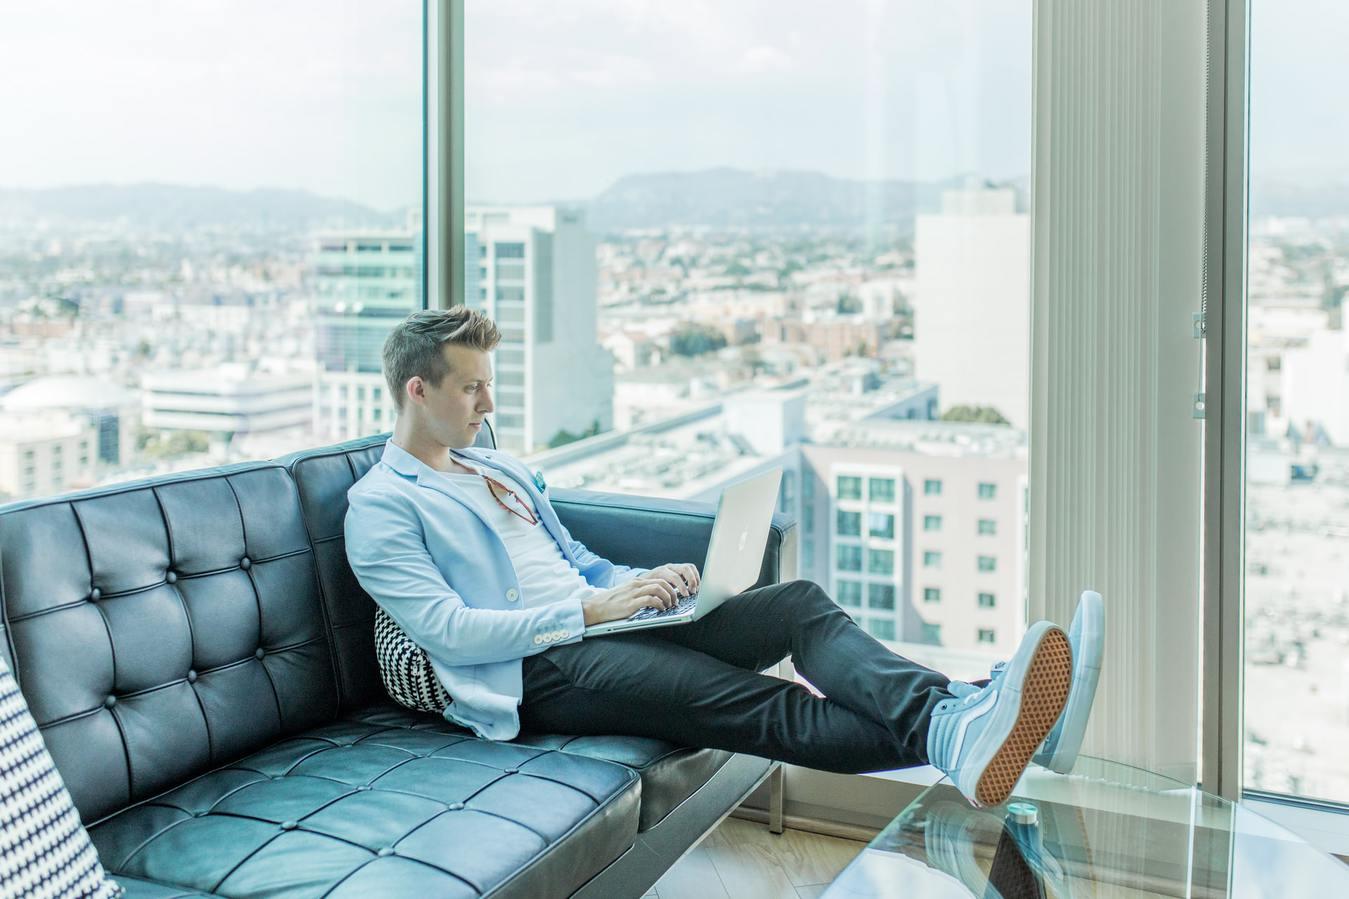 Un homme assis sur un canapé avec un ordinateur dans une pièce éclairée